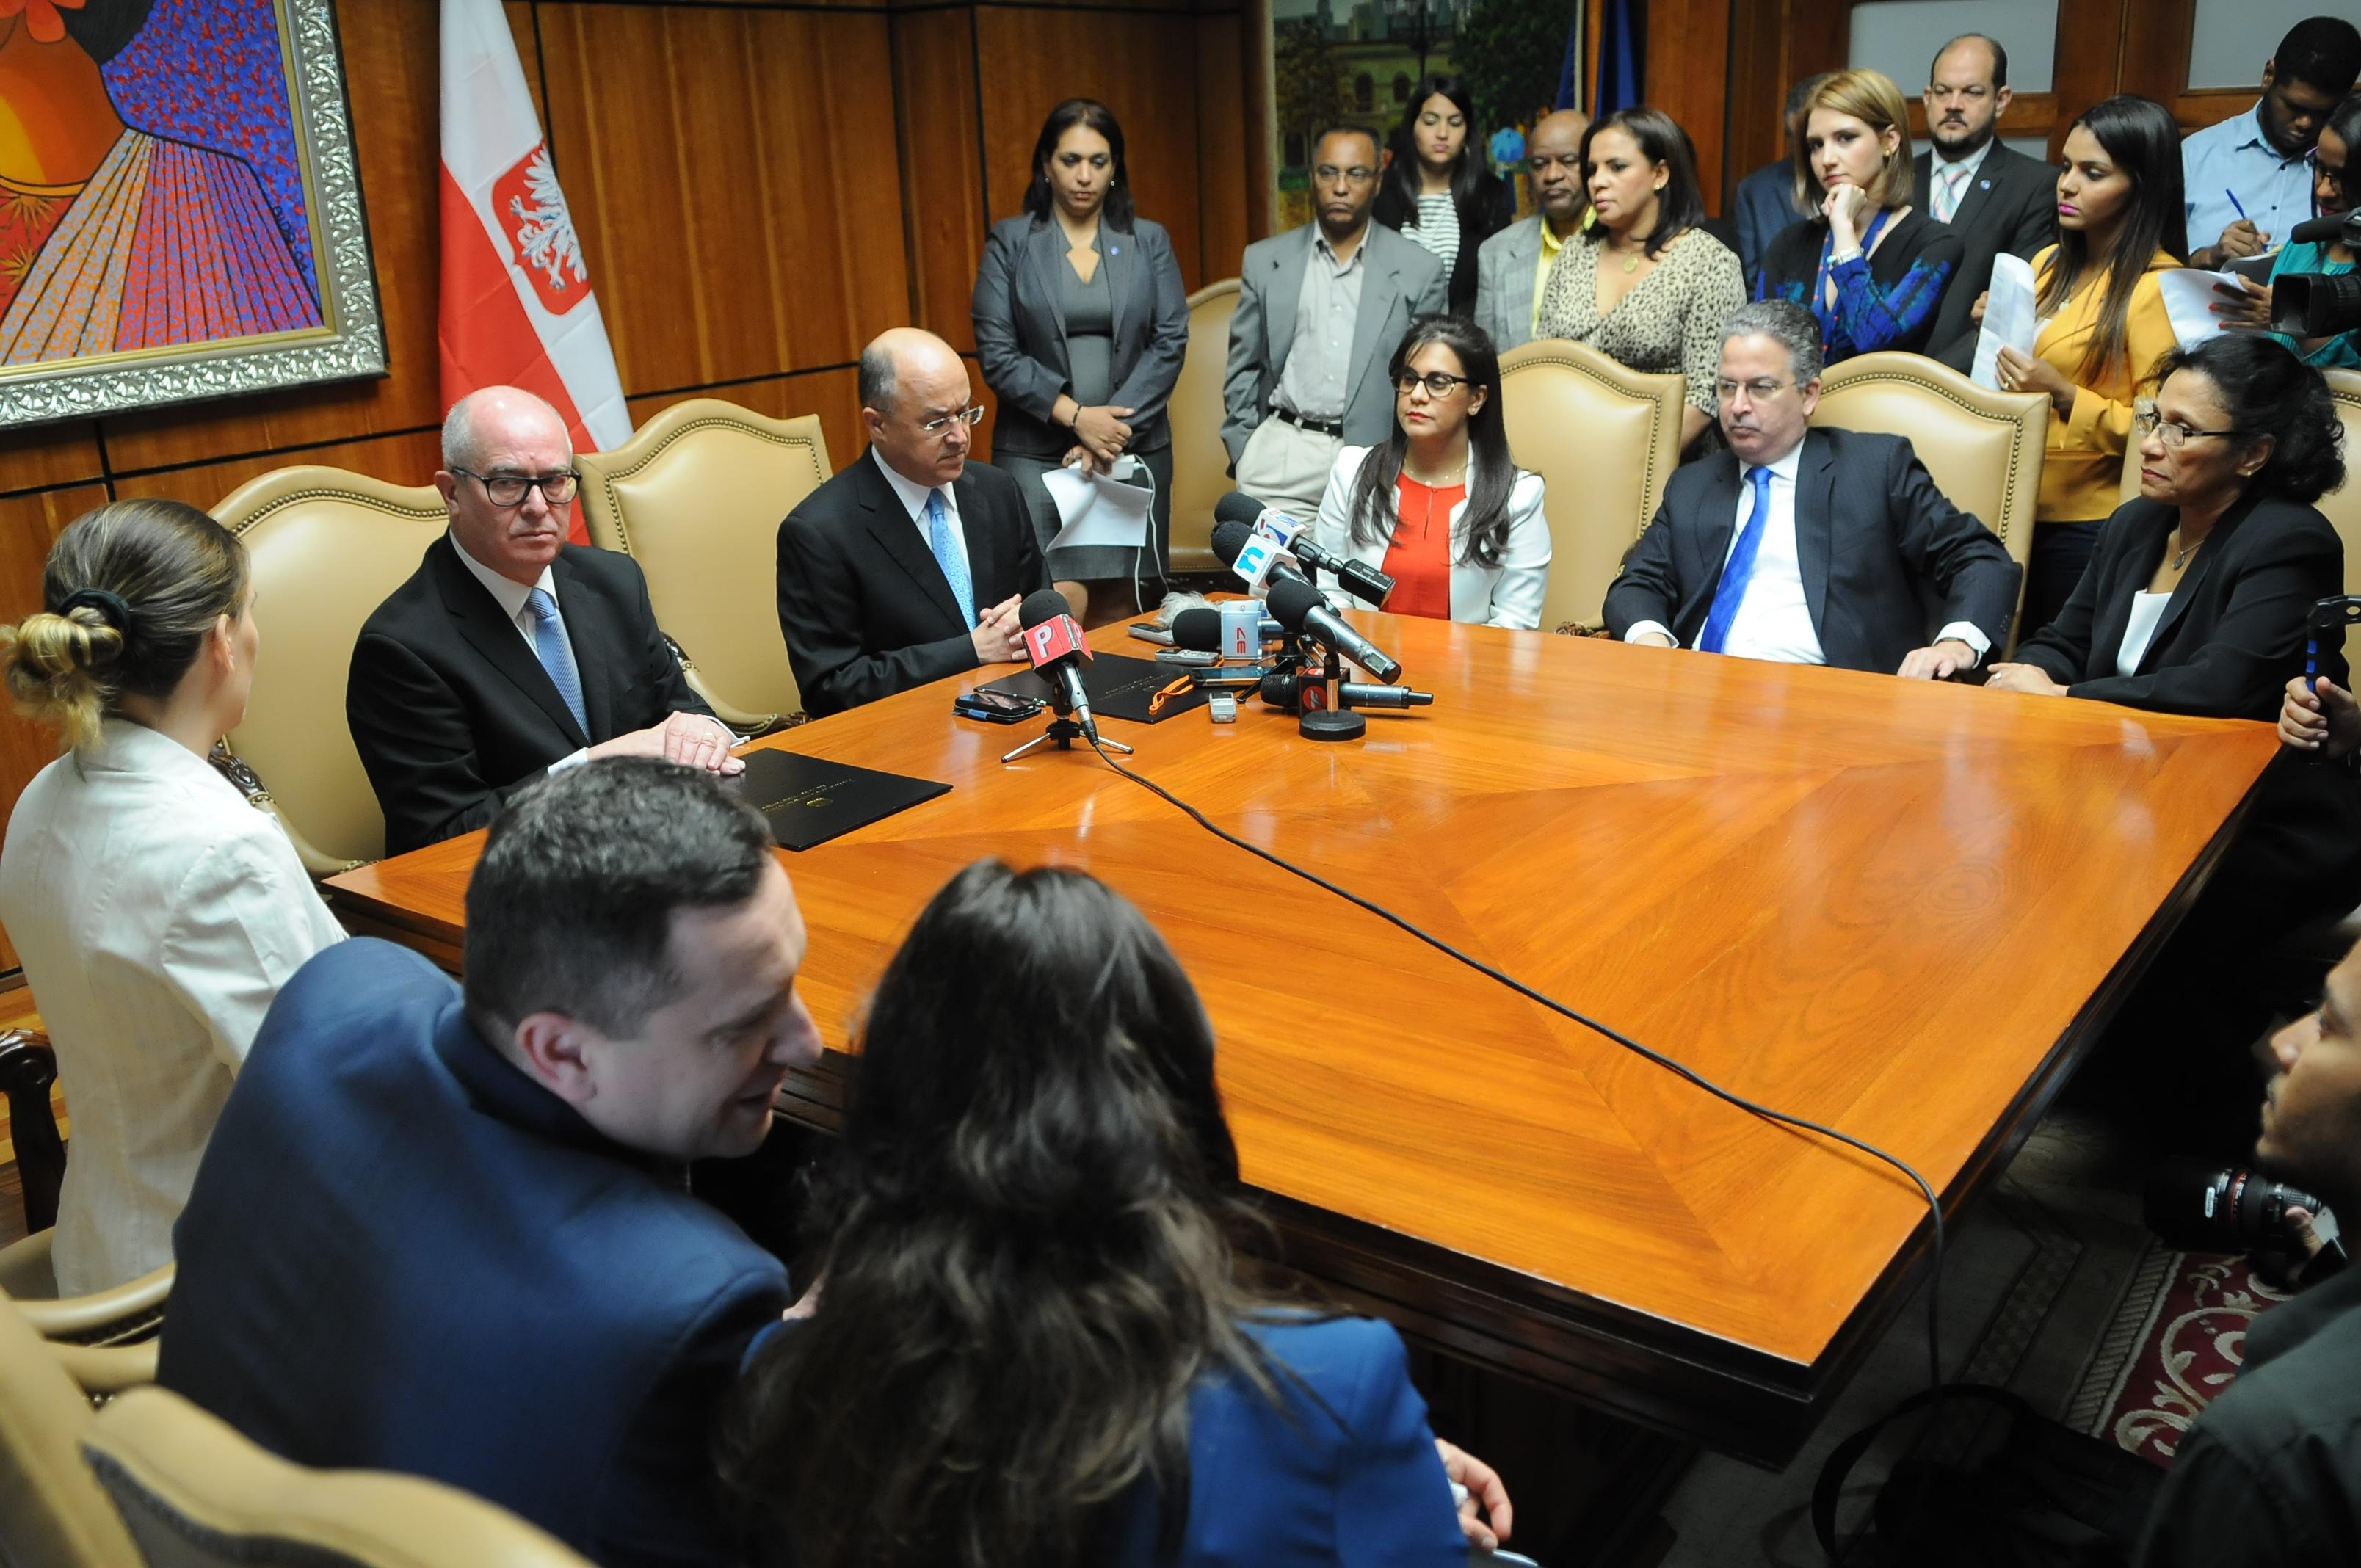 Familiares de víctimas del padre Gil acuden al despacho del procurador Domínguez Brito